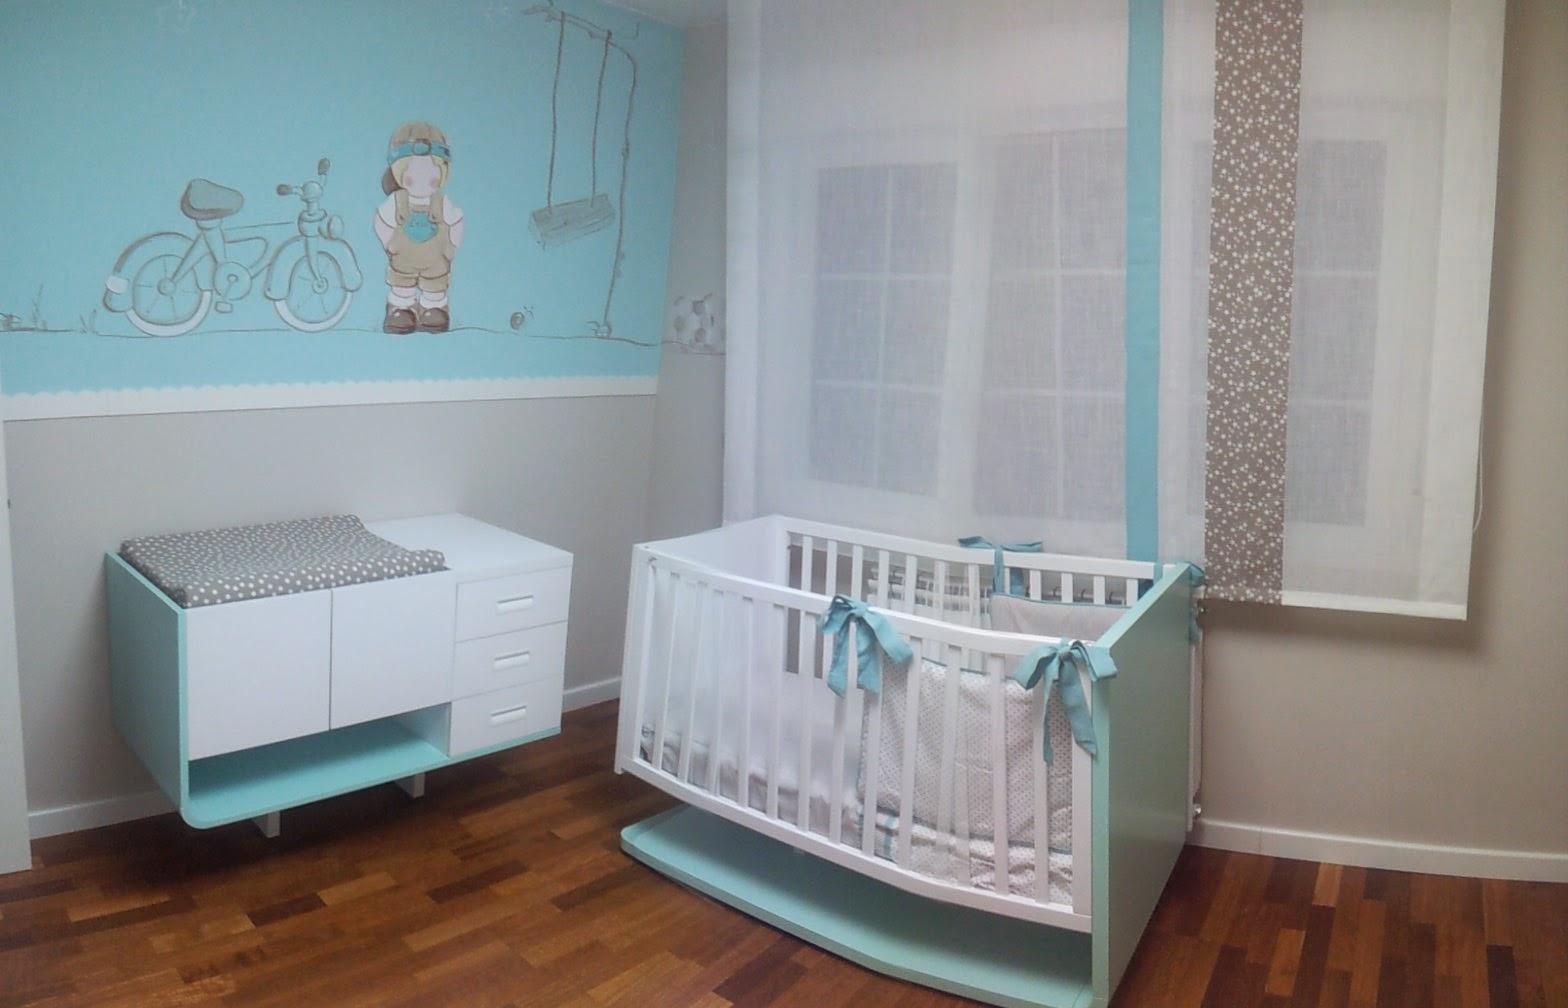 Deco chambre b b d coration chambre d 39 enfant for Peinture chambre d enfant